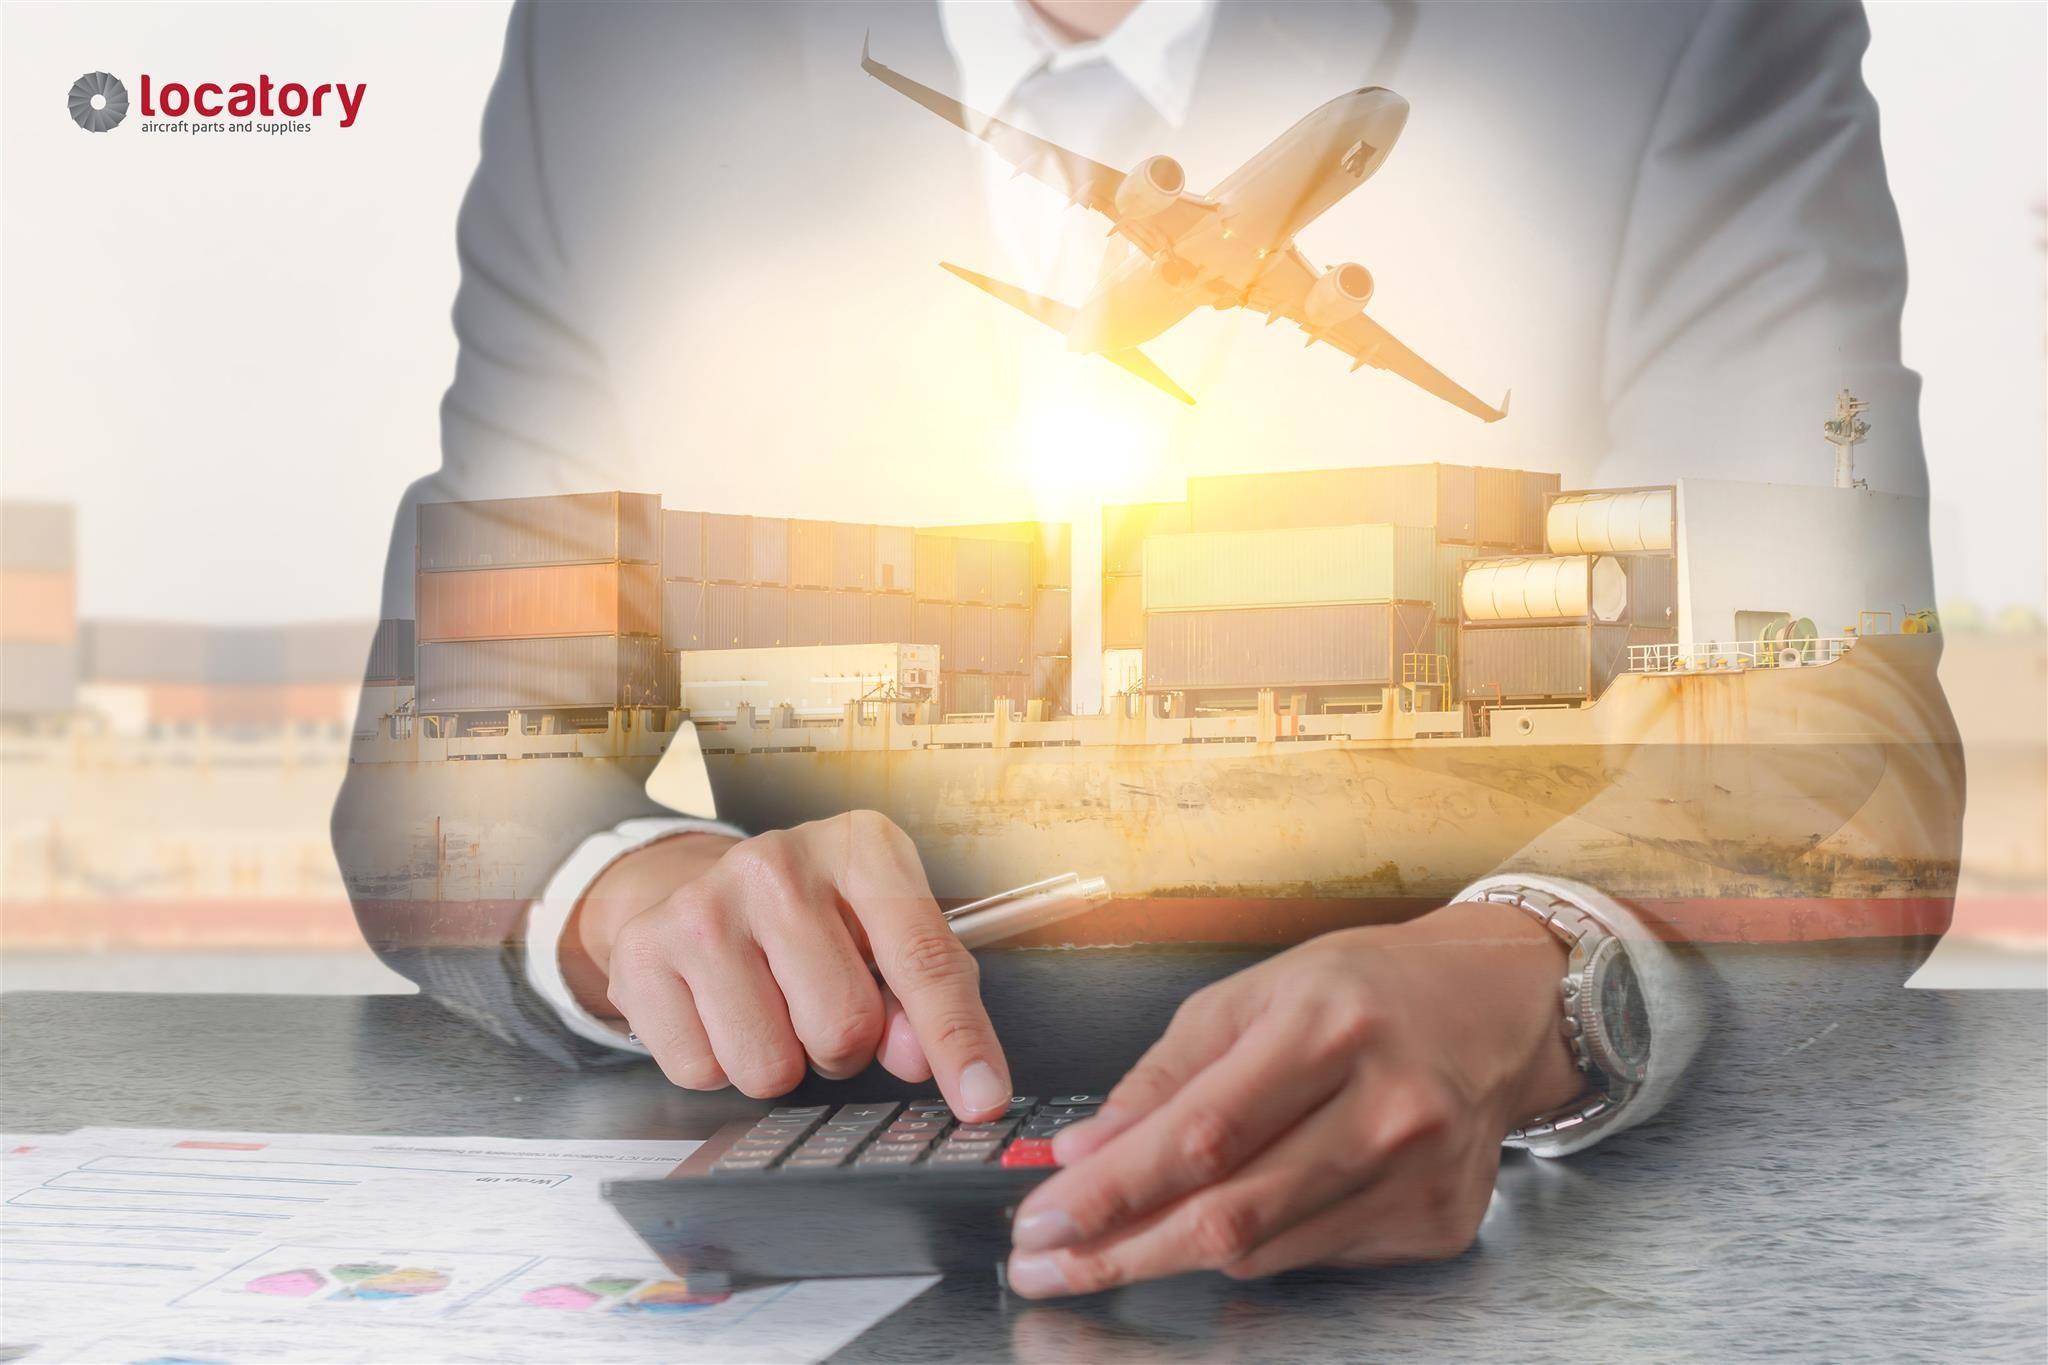 阿维亚解决方案集团率先推出航空零部件在线分销服务487955_